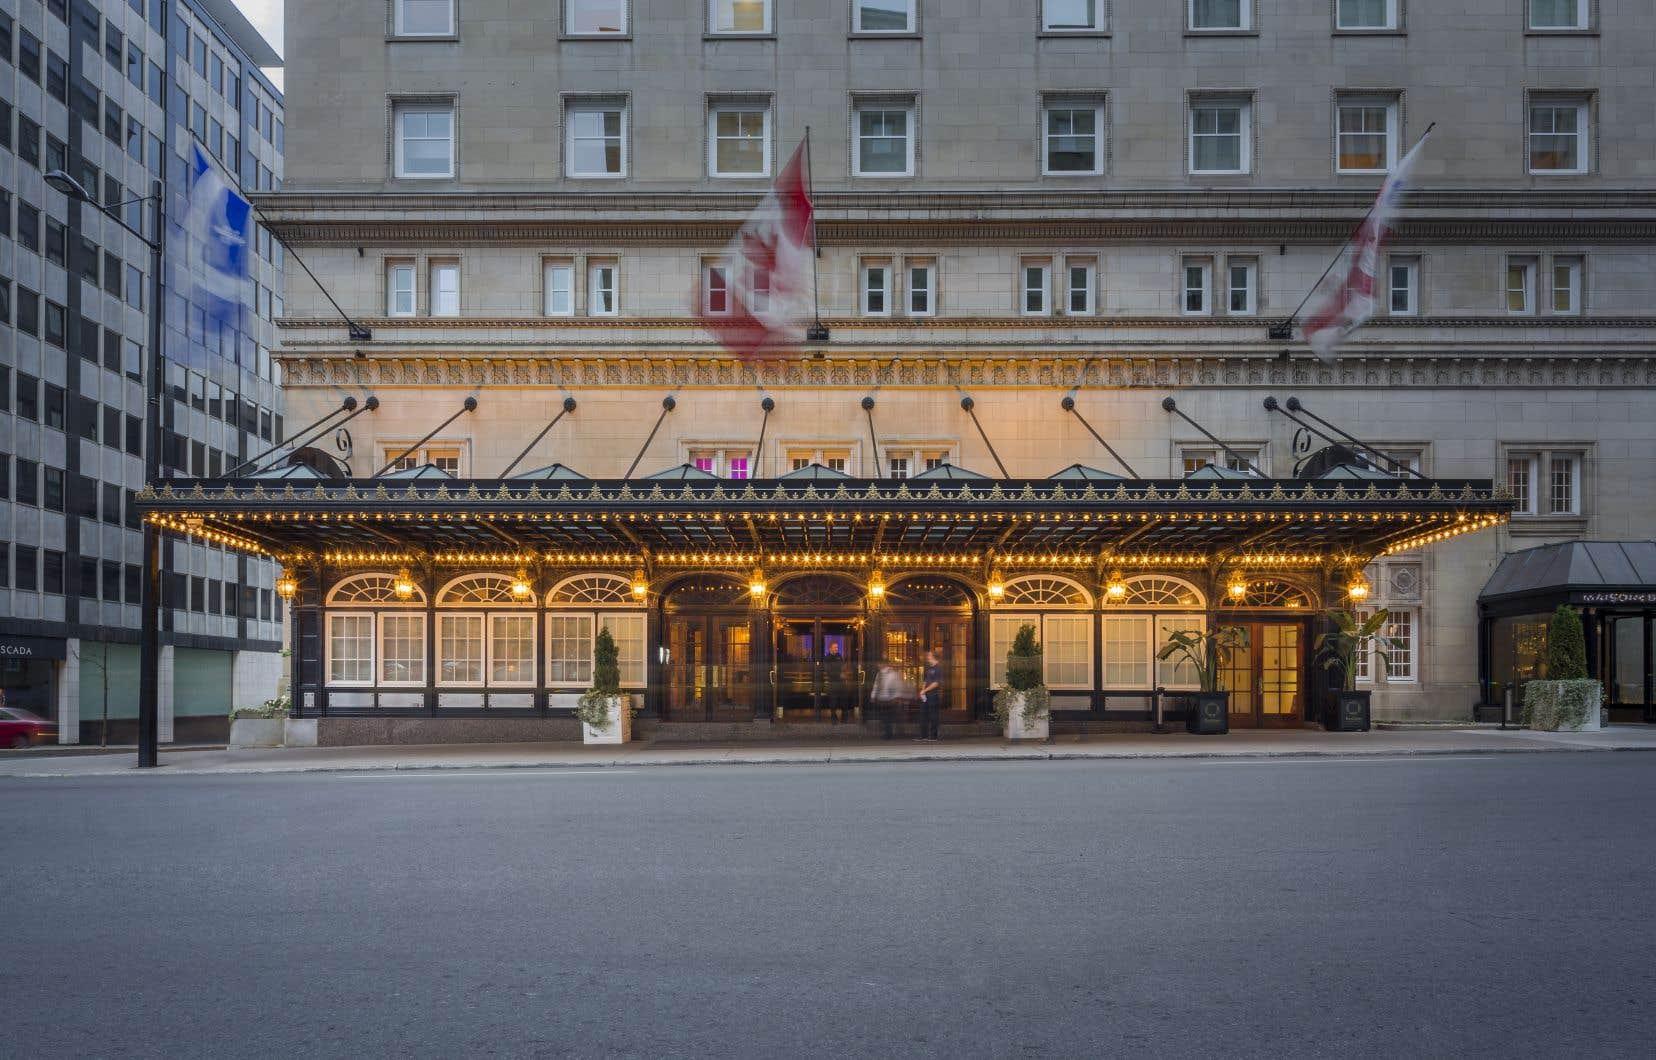 Les Montréalais ne comprennent peut-être pas que de grands hôtels comme le Ritz-Carlton, ouvert en 1912, sont de véritables parenthèses dans le temps, accessibles à quelques minutes de la maison.